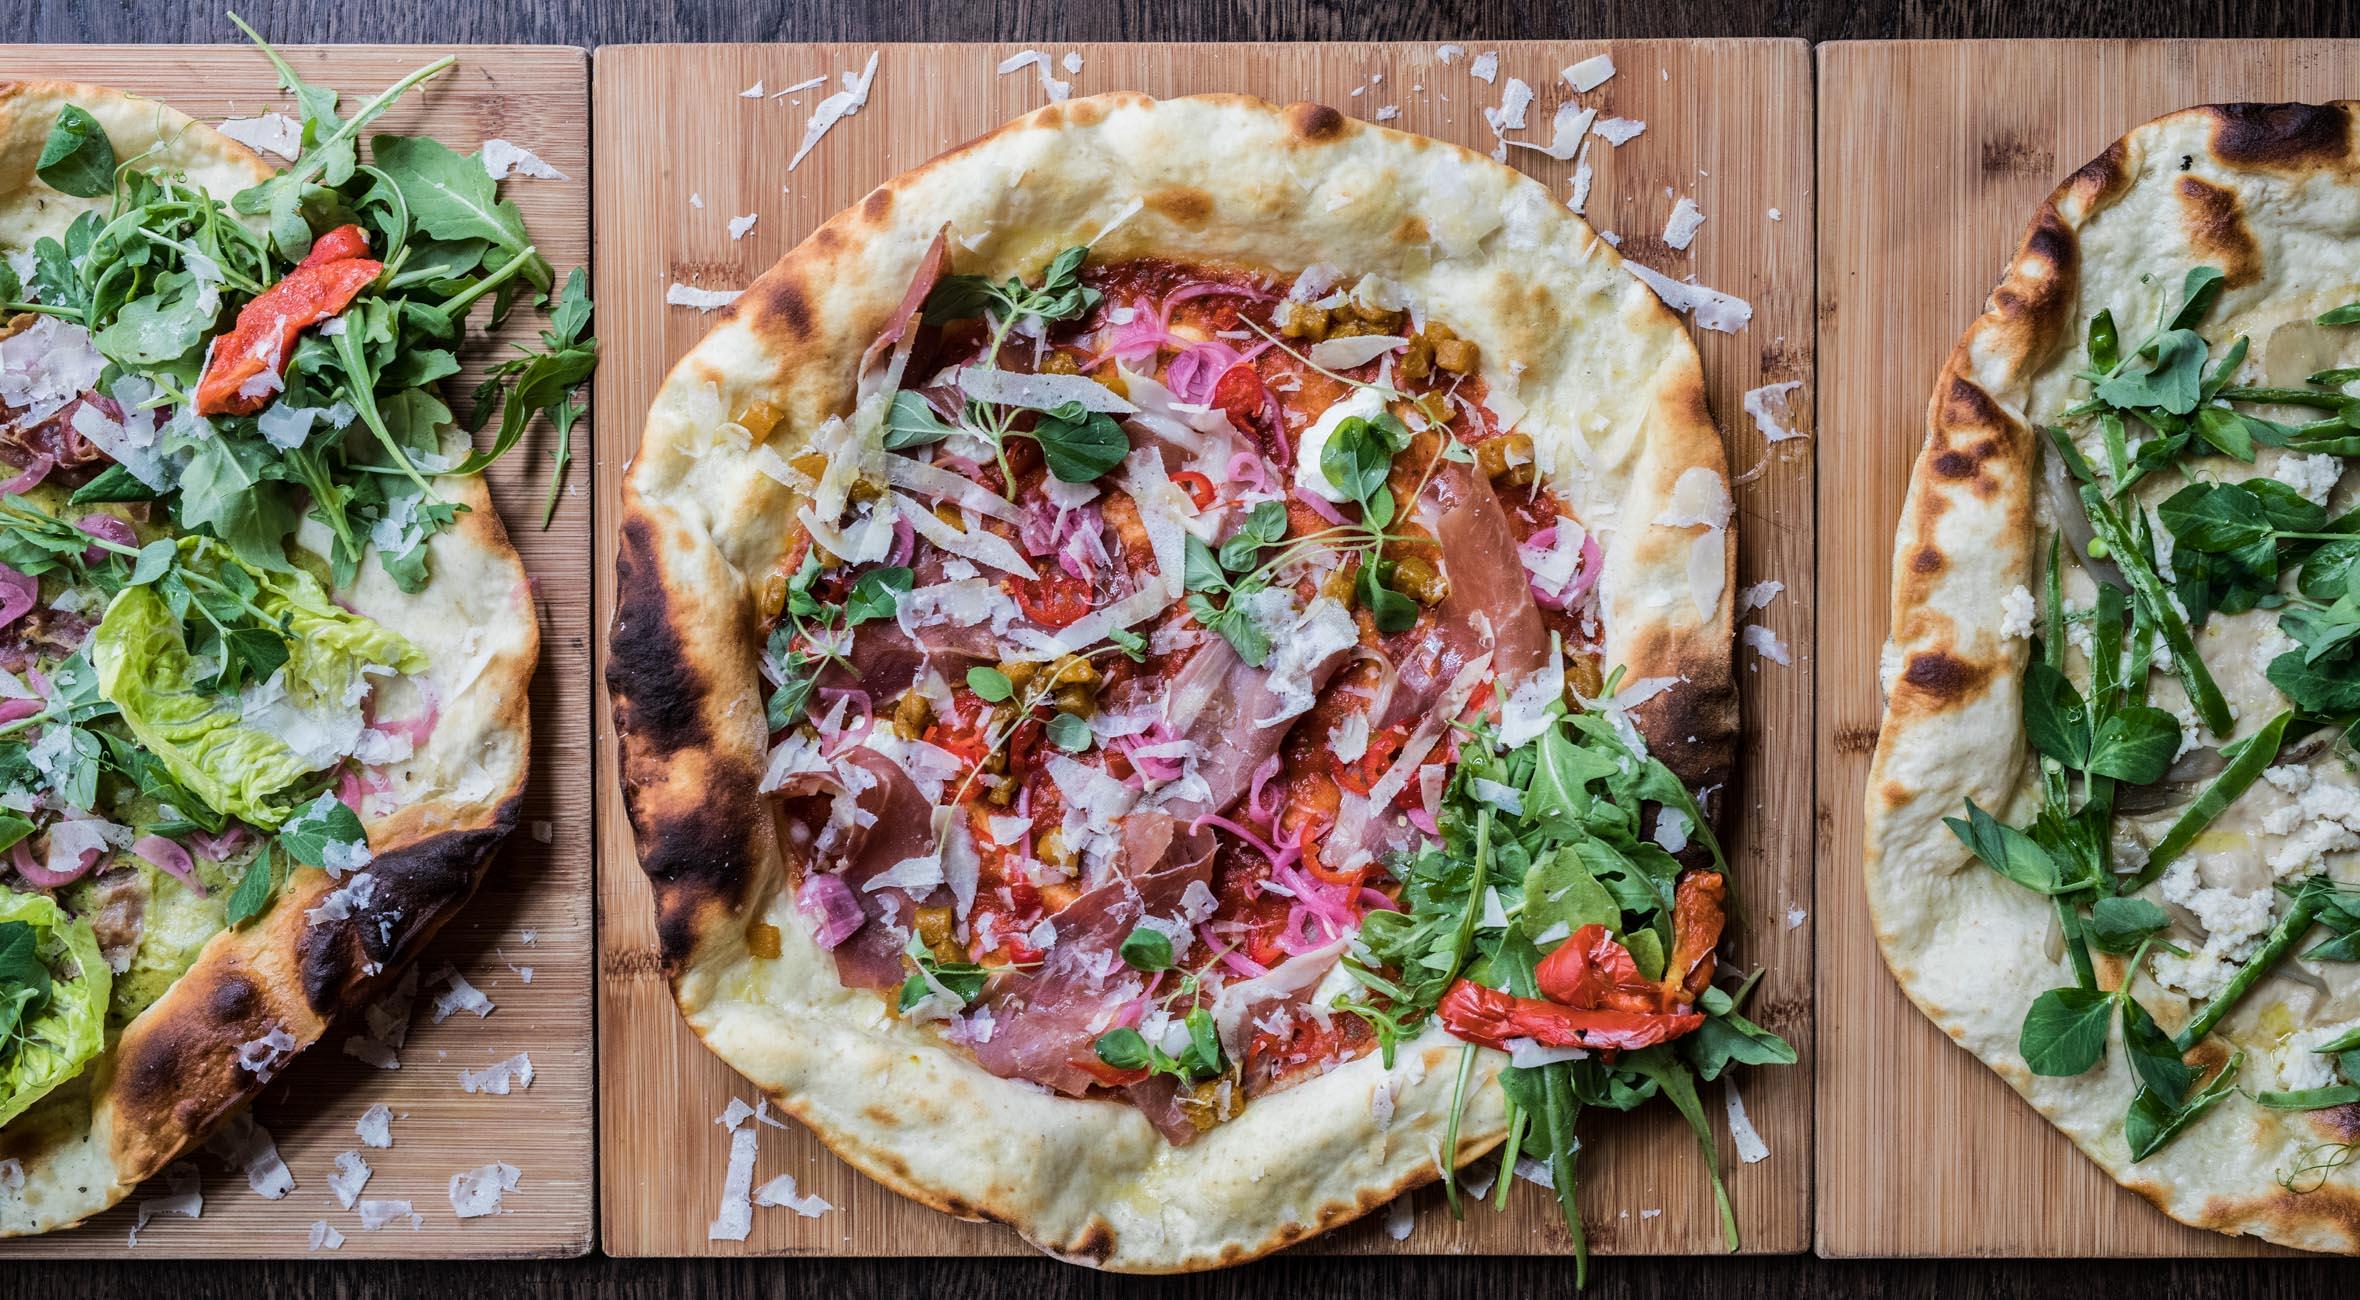 2 valgfrie pizzaer hos Neighbourhood ved Torvehallerne – Innovative pizzaer har vundet anerkendelse i ind- og udland